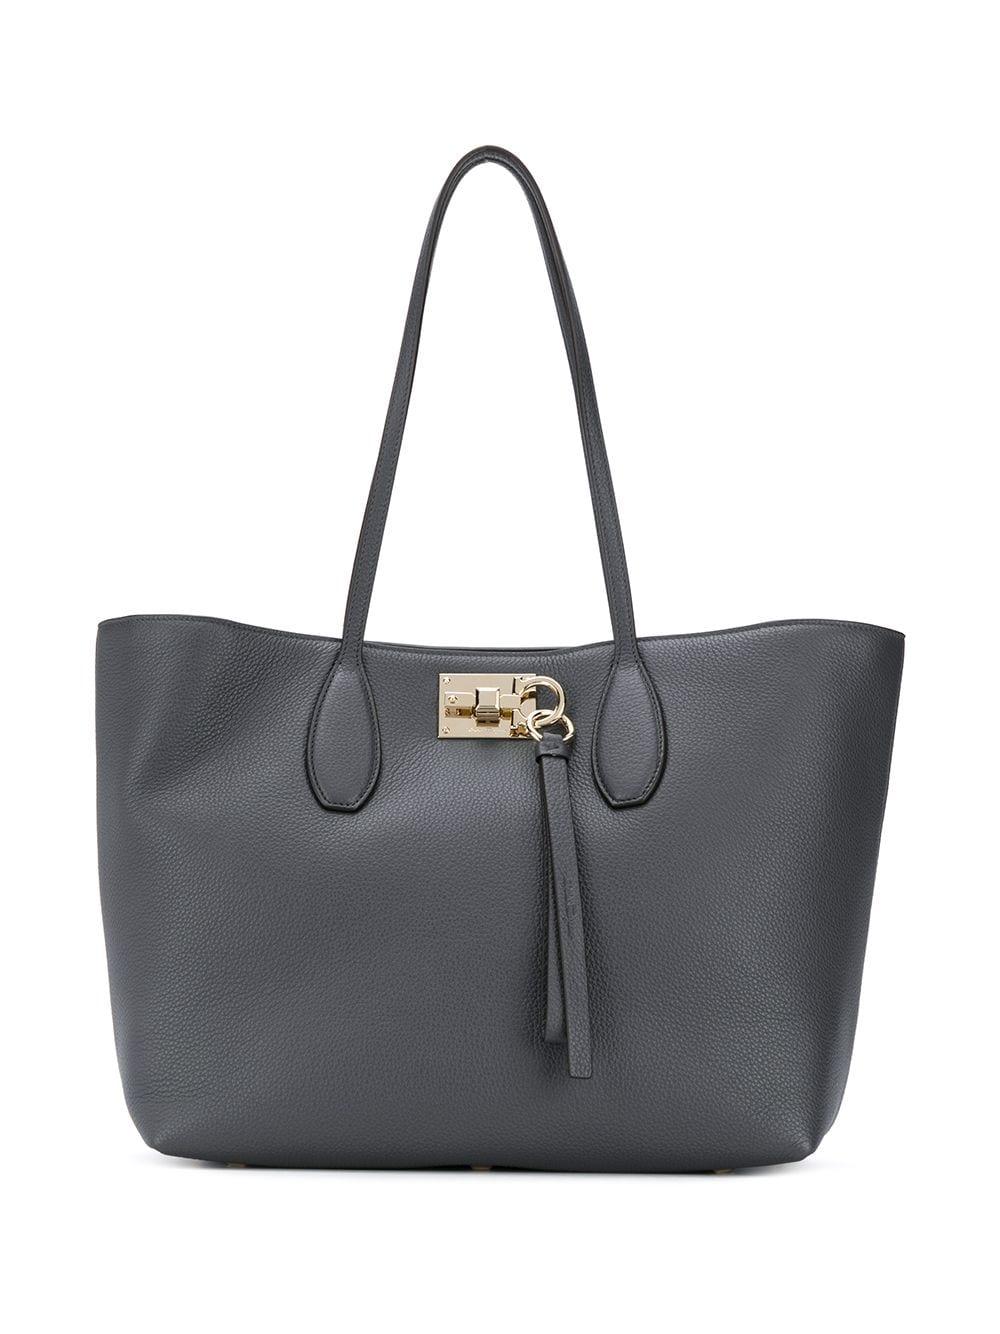 The Studio Leather Shoulder Bag